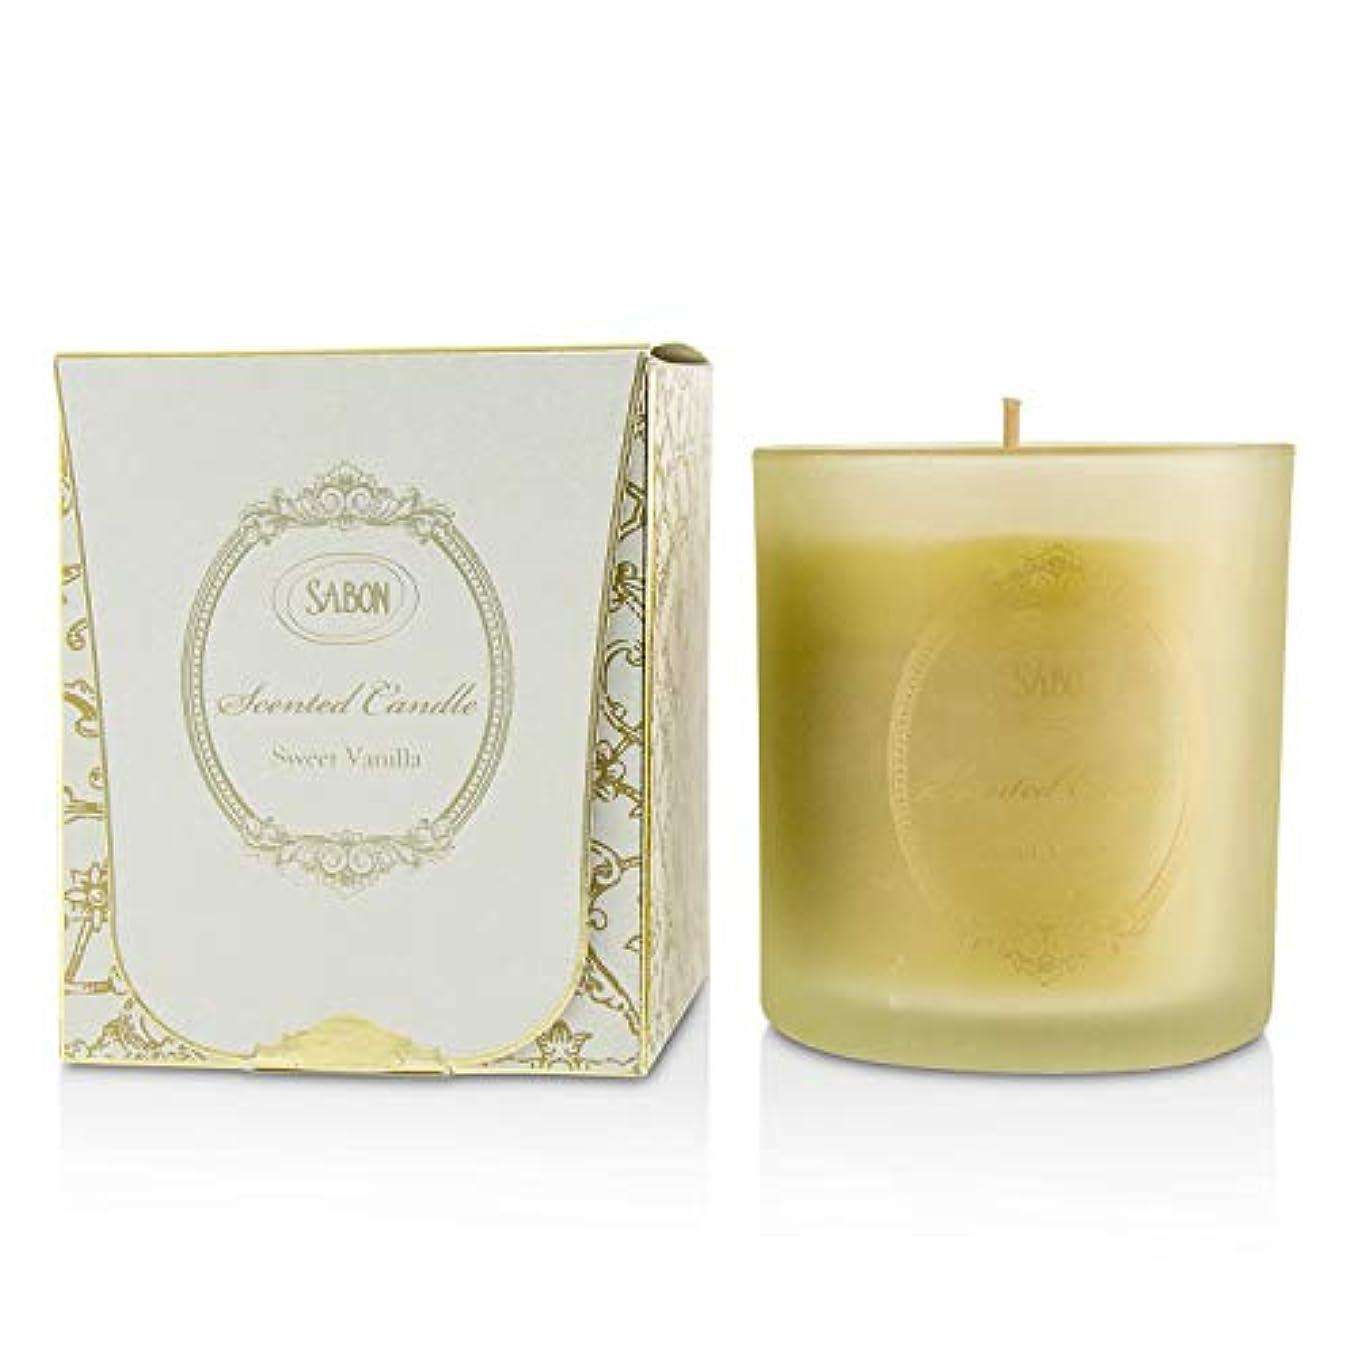 行く口旅行代理店サボン Glass Candles - Sweet Vanilla 250ml/8.79oz並行輸入品